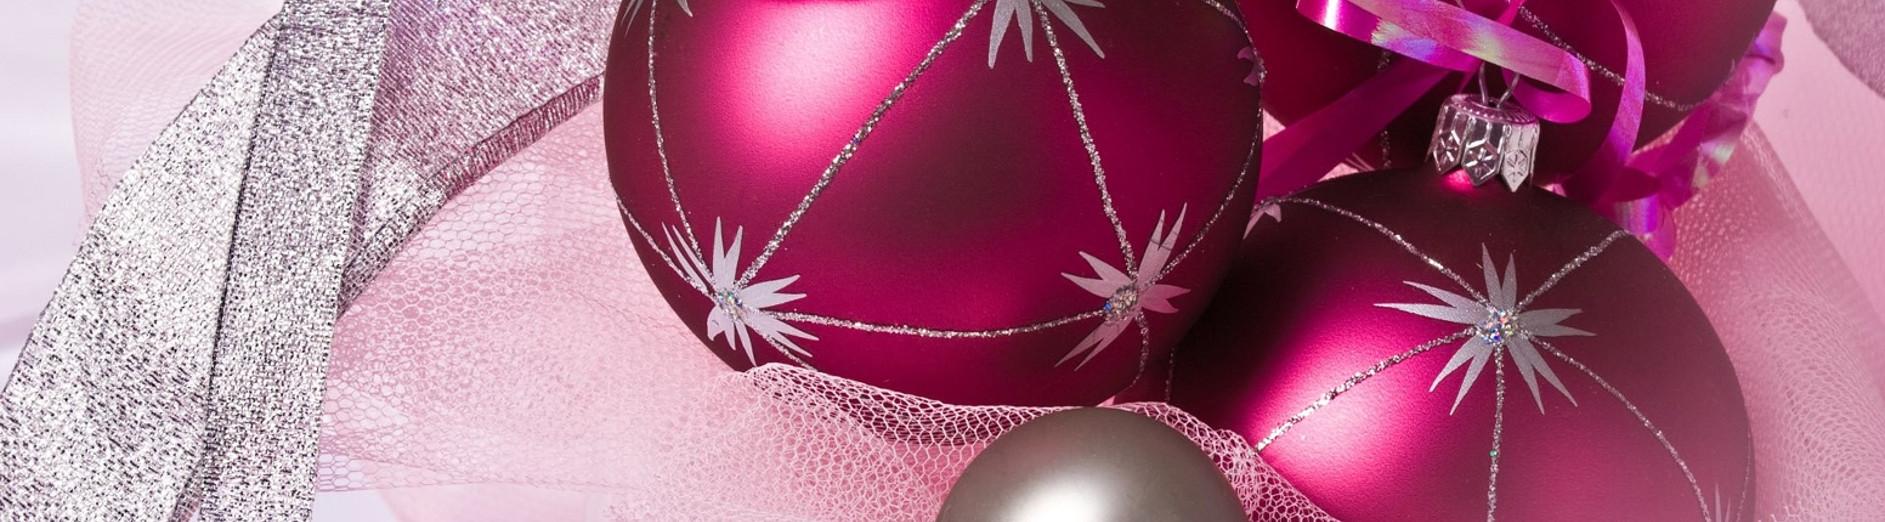 Weihnachten OBEN